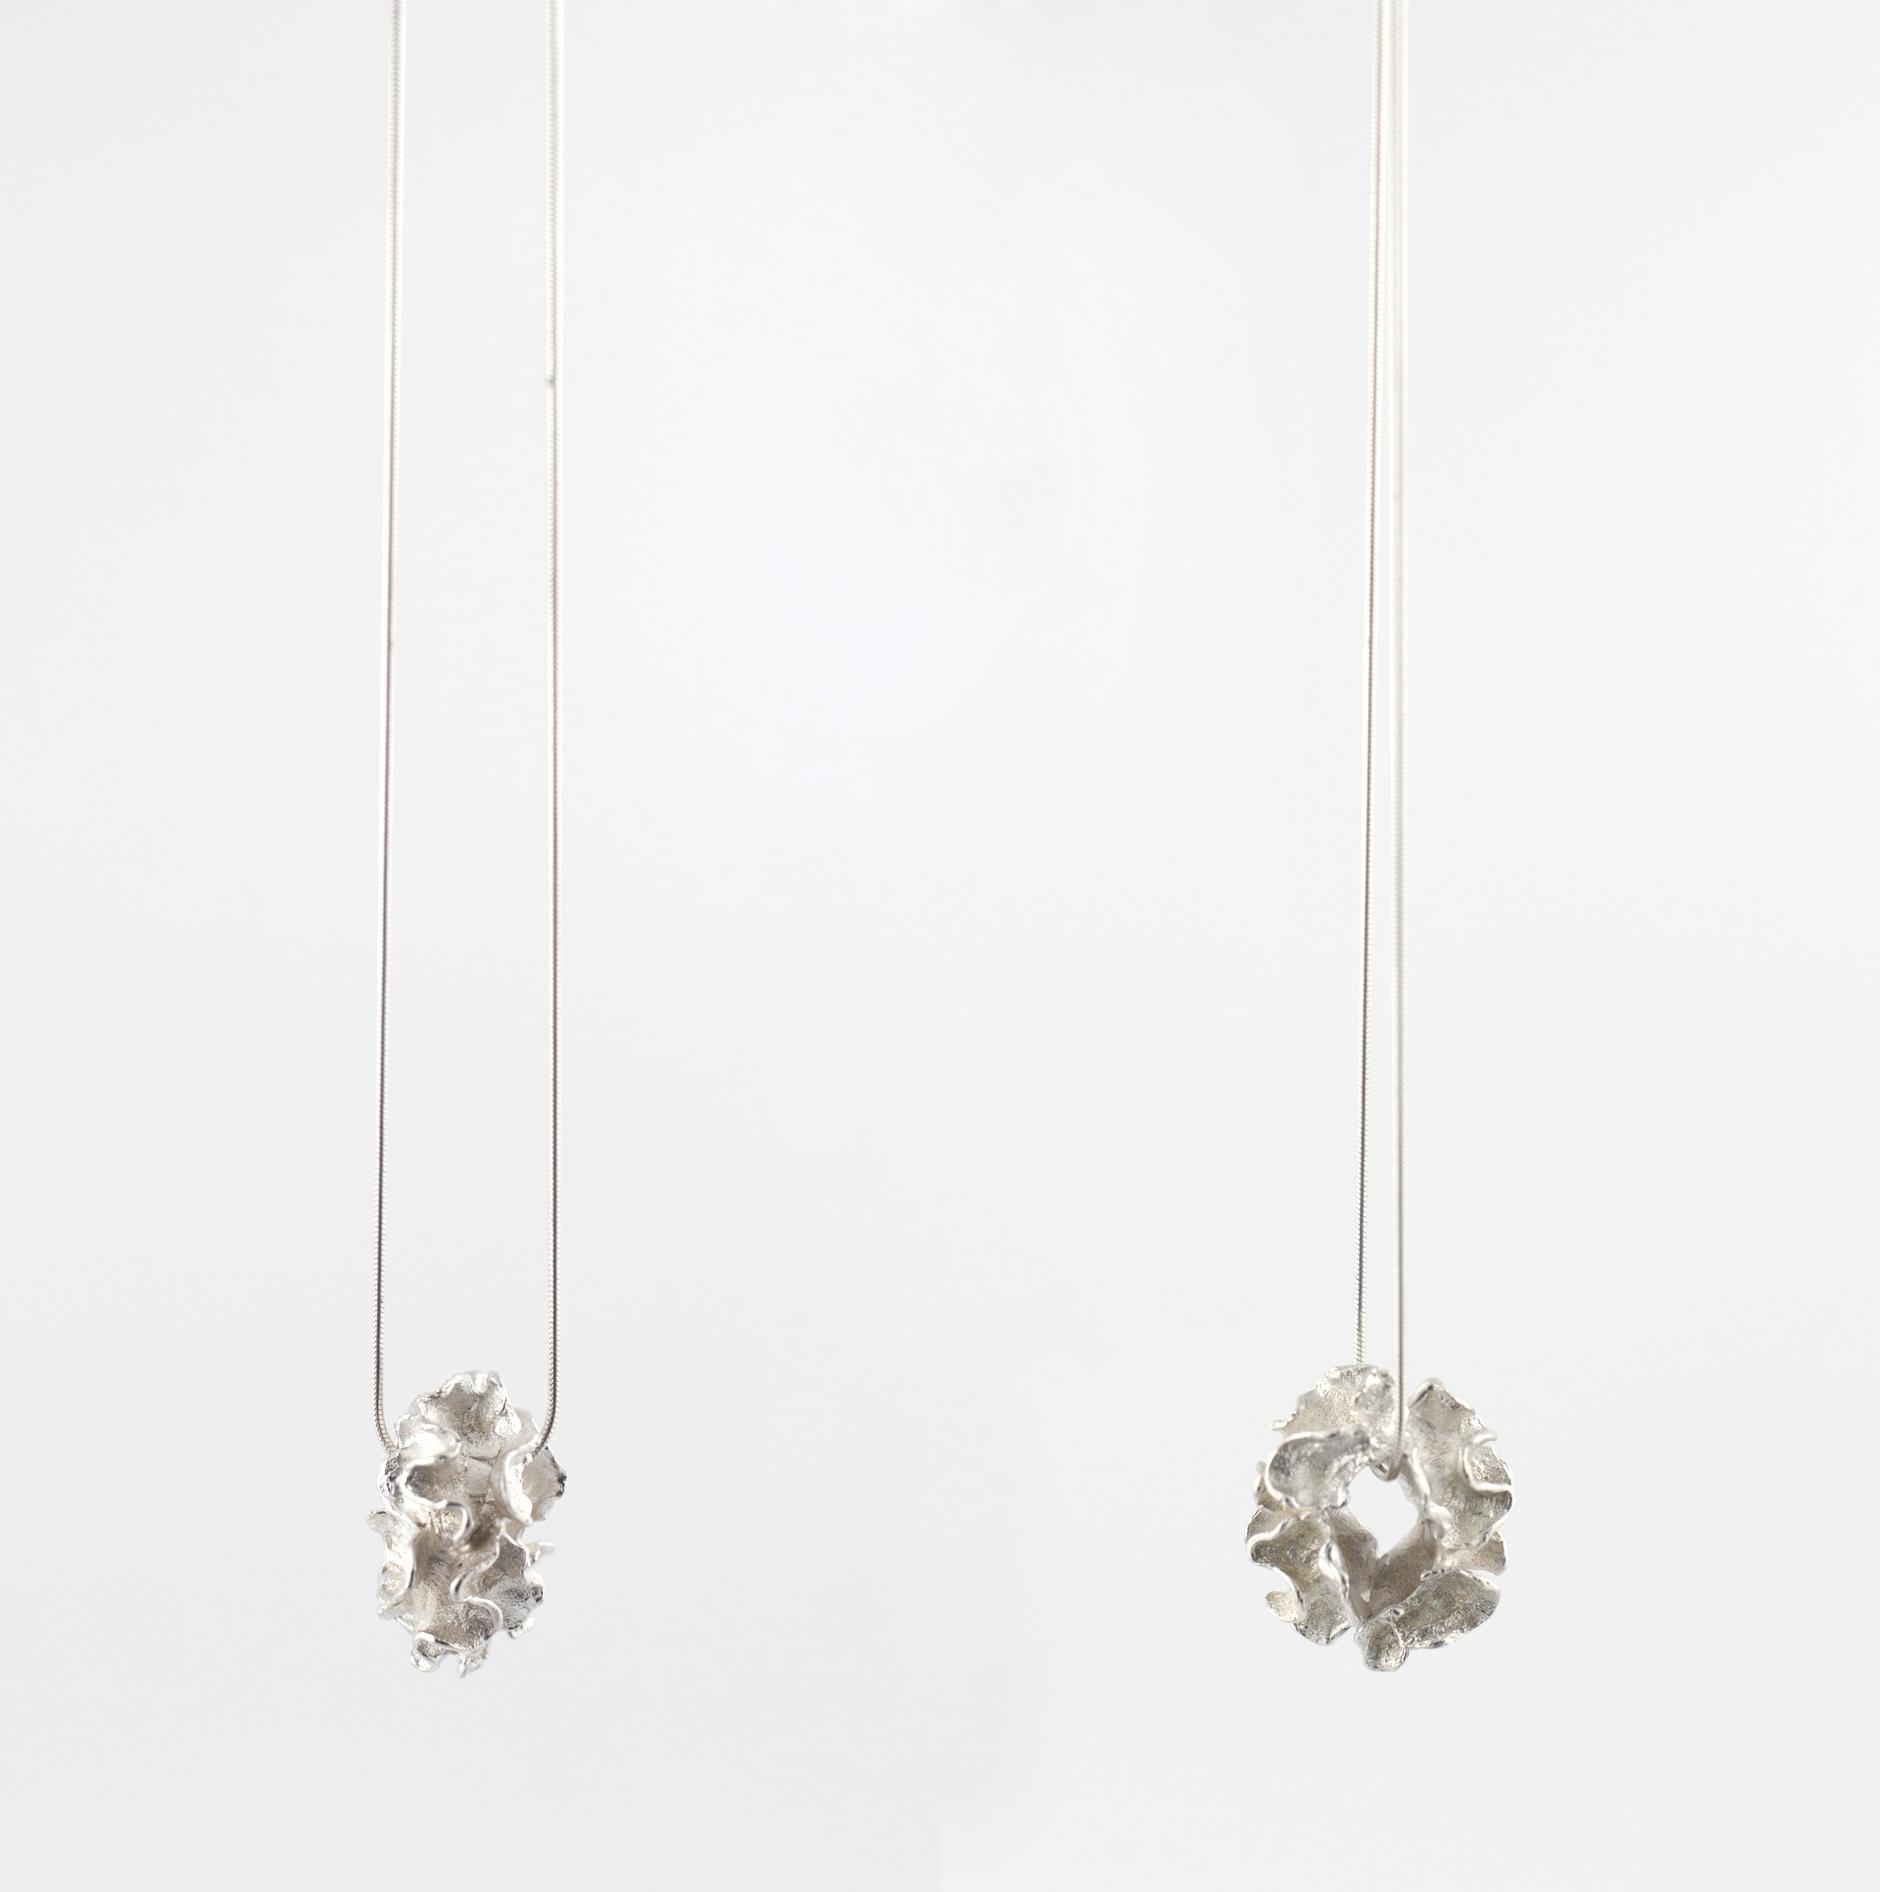 Fragments-of-flinders_coral _pendants_silver.jpg